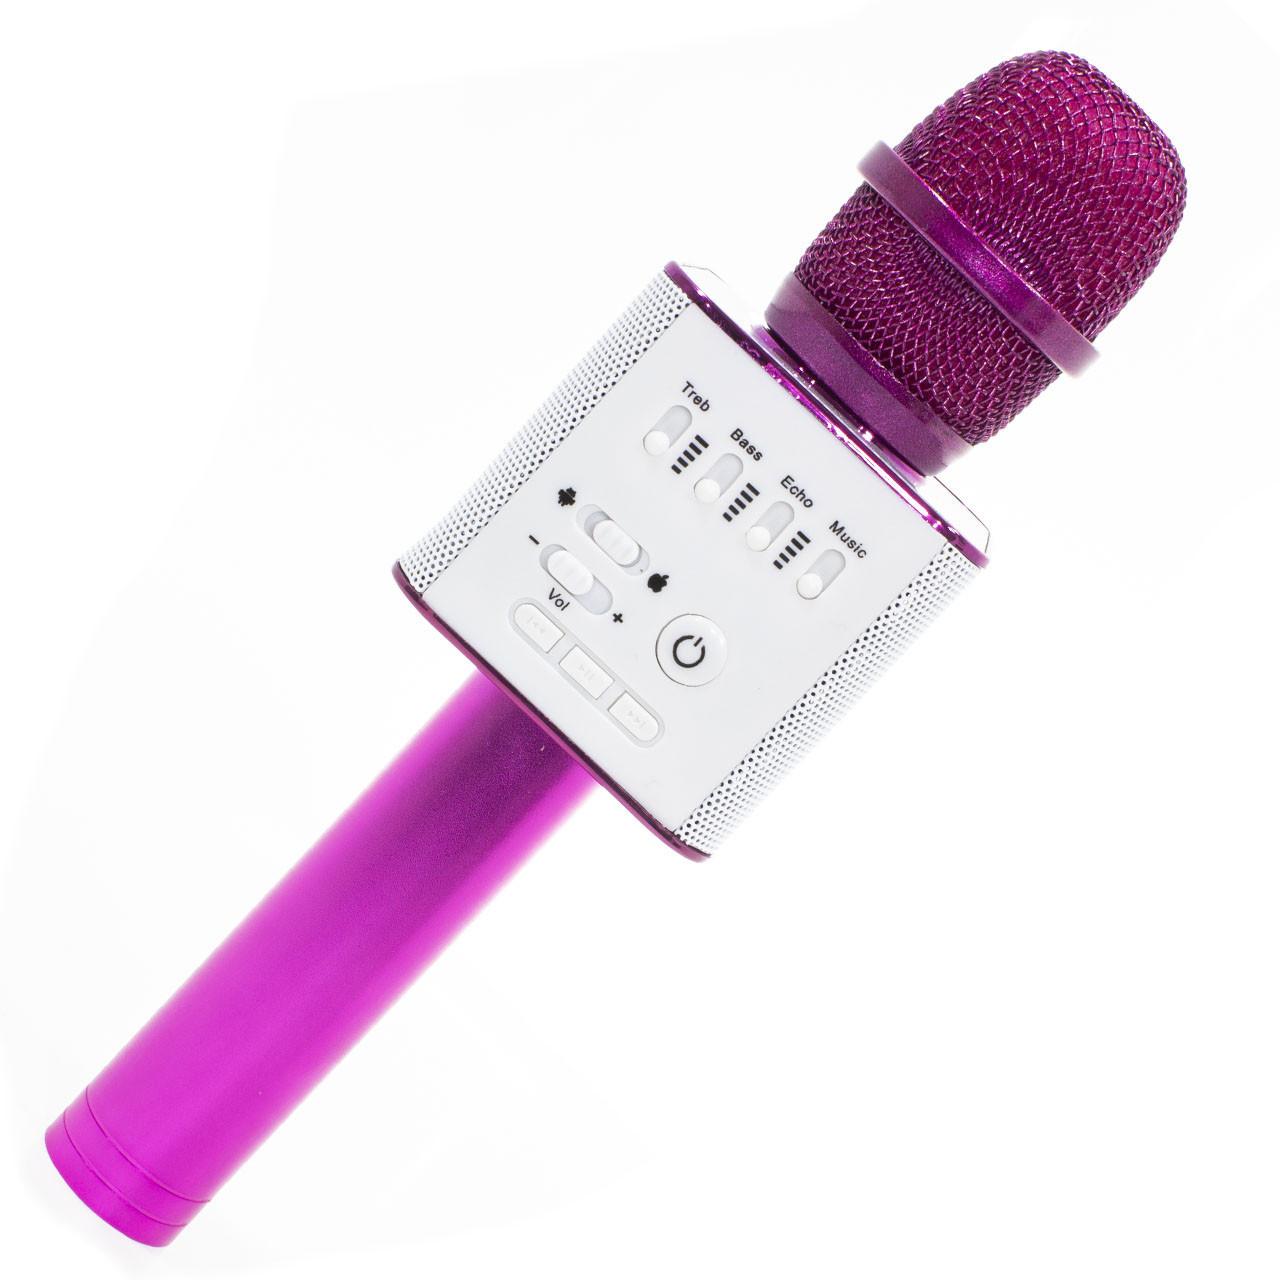 Беспроводной портативный микрофон Micgeek Q9 для караоке Bluetooth c чехлом Розовый (1354-9592а)